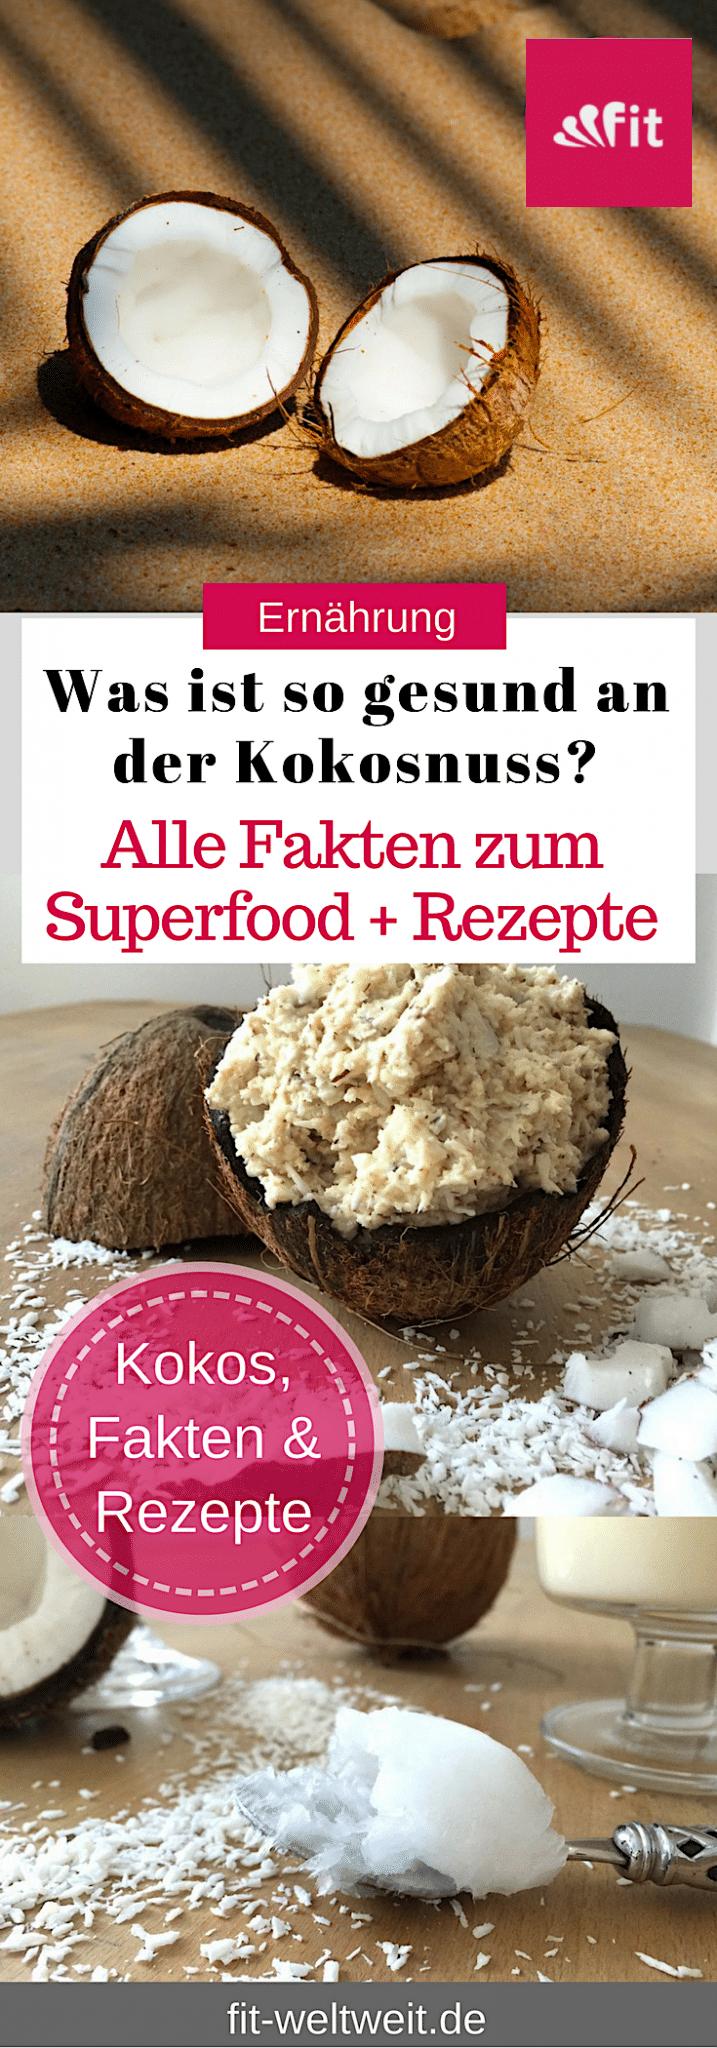 Superfood Kokos: Die Inhaltsstoffe und Nährwerte, Vitamine und wie du eine Kokosnuss öffnen kannst. Ist dKokos gesund oder ungesund? Wie du sie essen kannst mit passenden Rezepten... Die Verwendung von Kokosöl, #Kokos Rezepte und Brotaufstrich, Die Wirkung von Kokosöl, abnehmen mit Kokosöl, die Verwendung von #Kokosöl für die Haare. #Gesundheit #Superfood